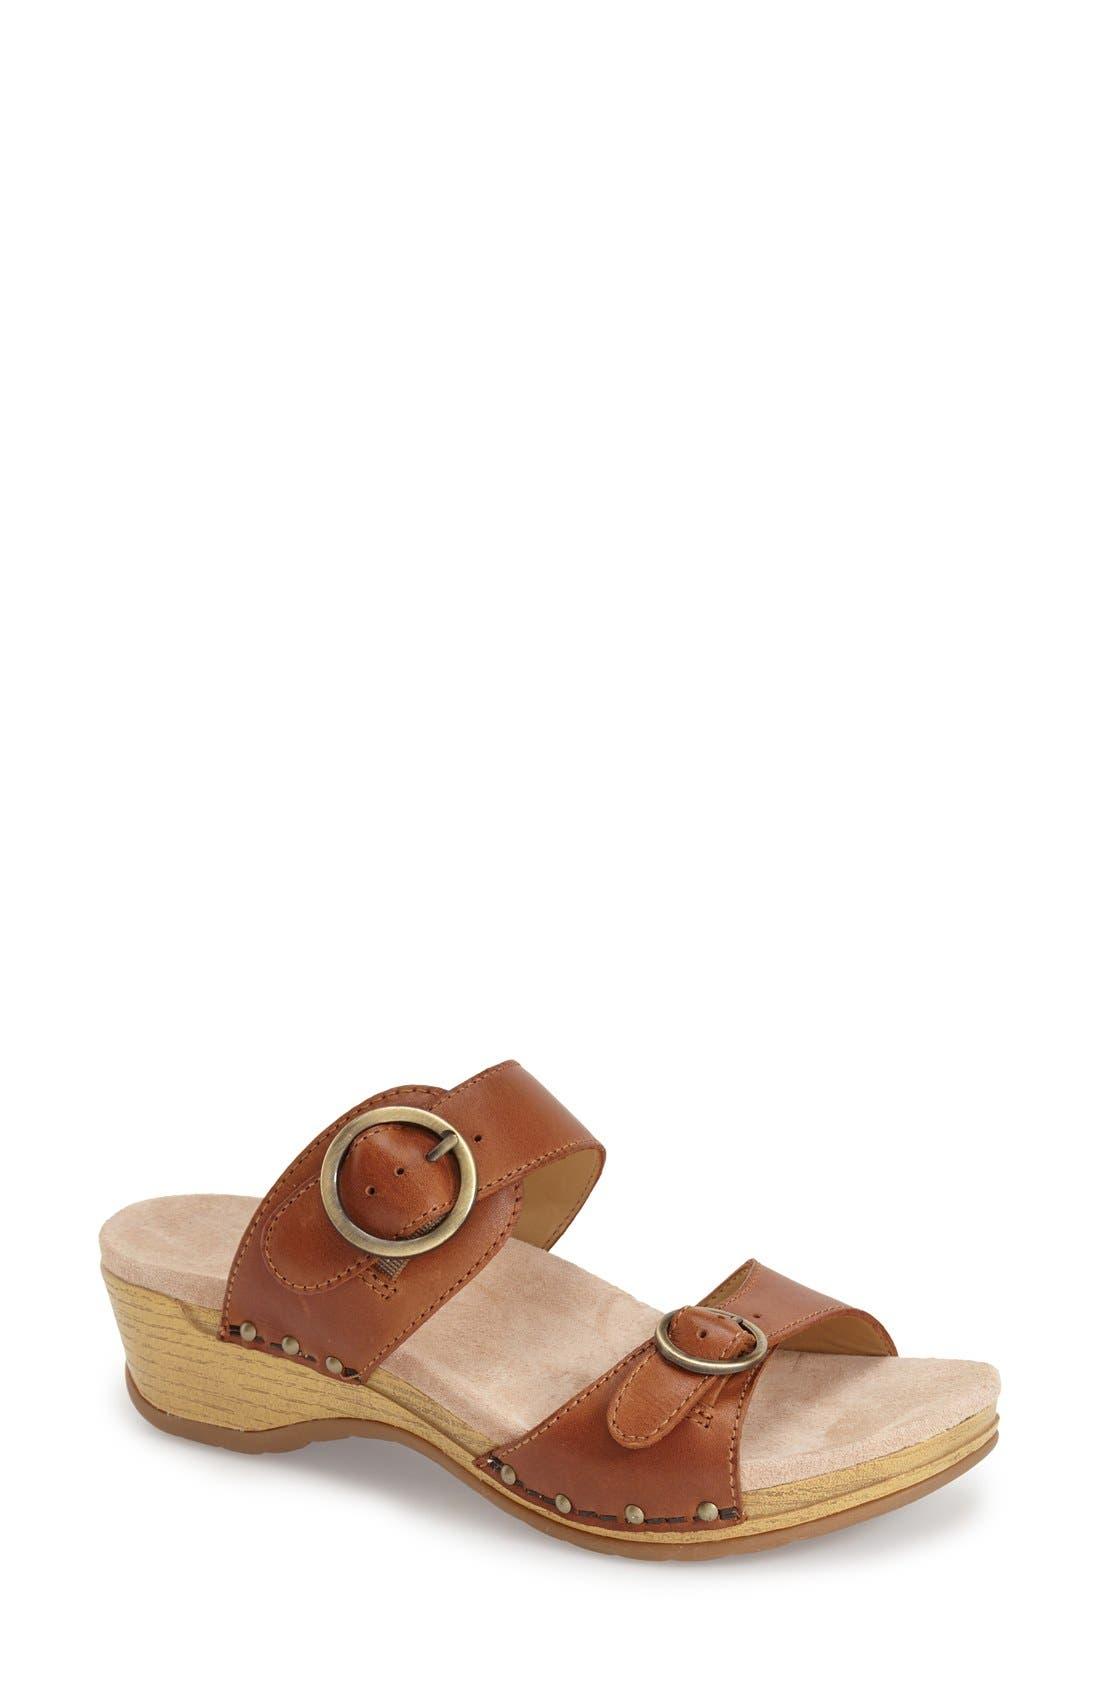 DANSKO 'Manda' Slide Sandal